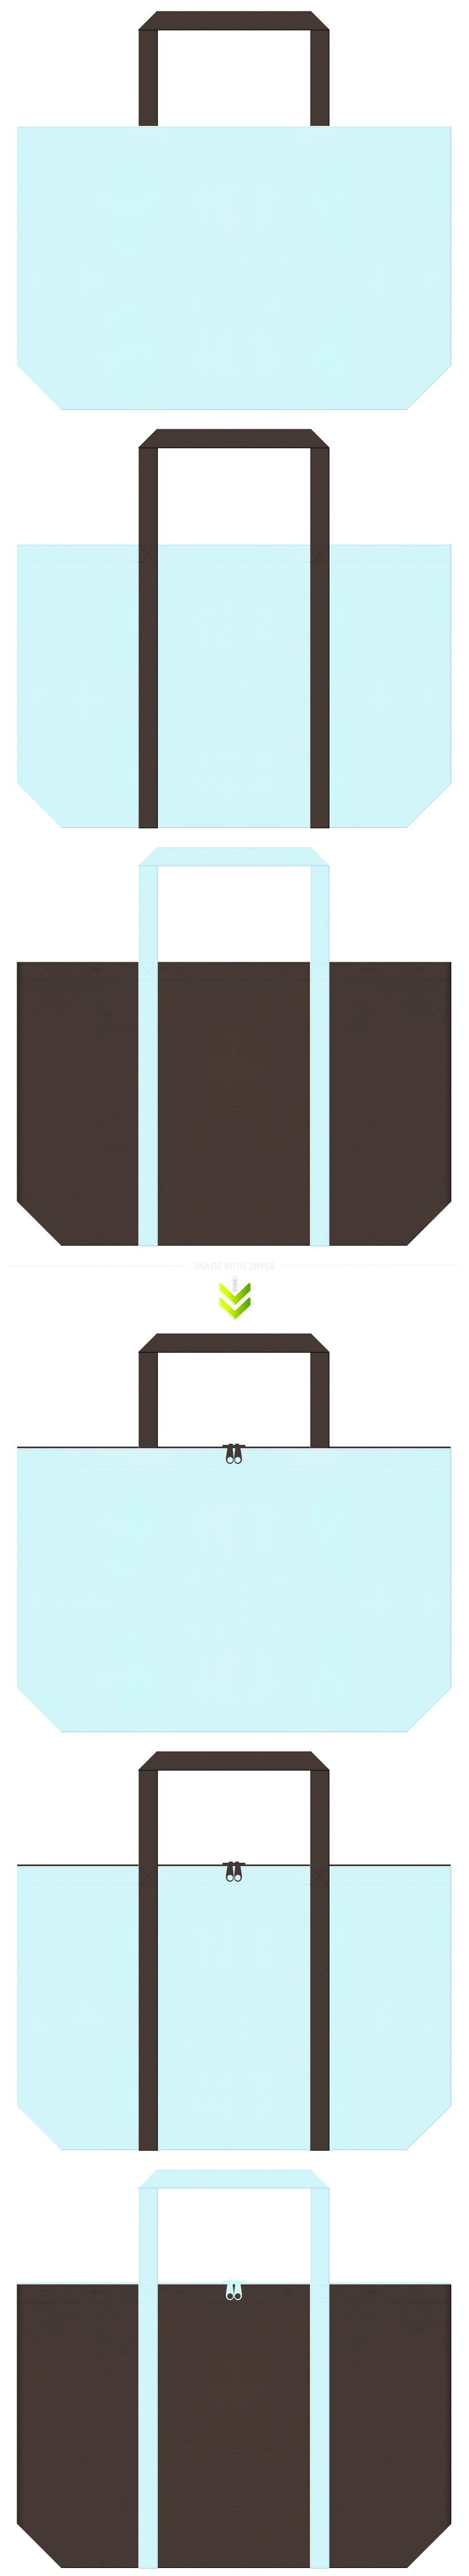 水色とこげ茶色の不織布エコバッグのデザイン。ミントチョコ風。